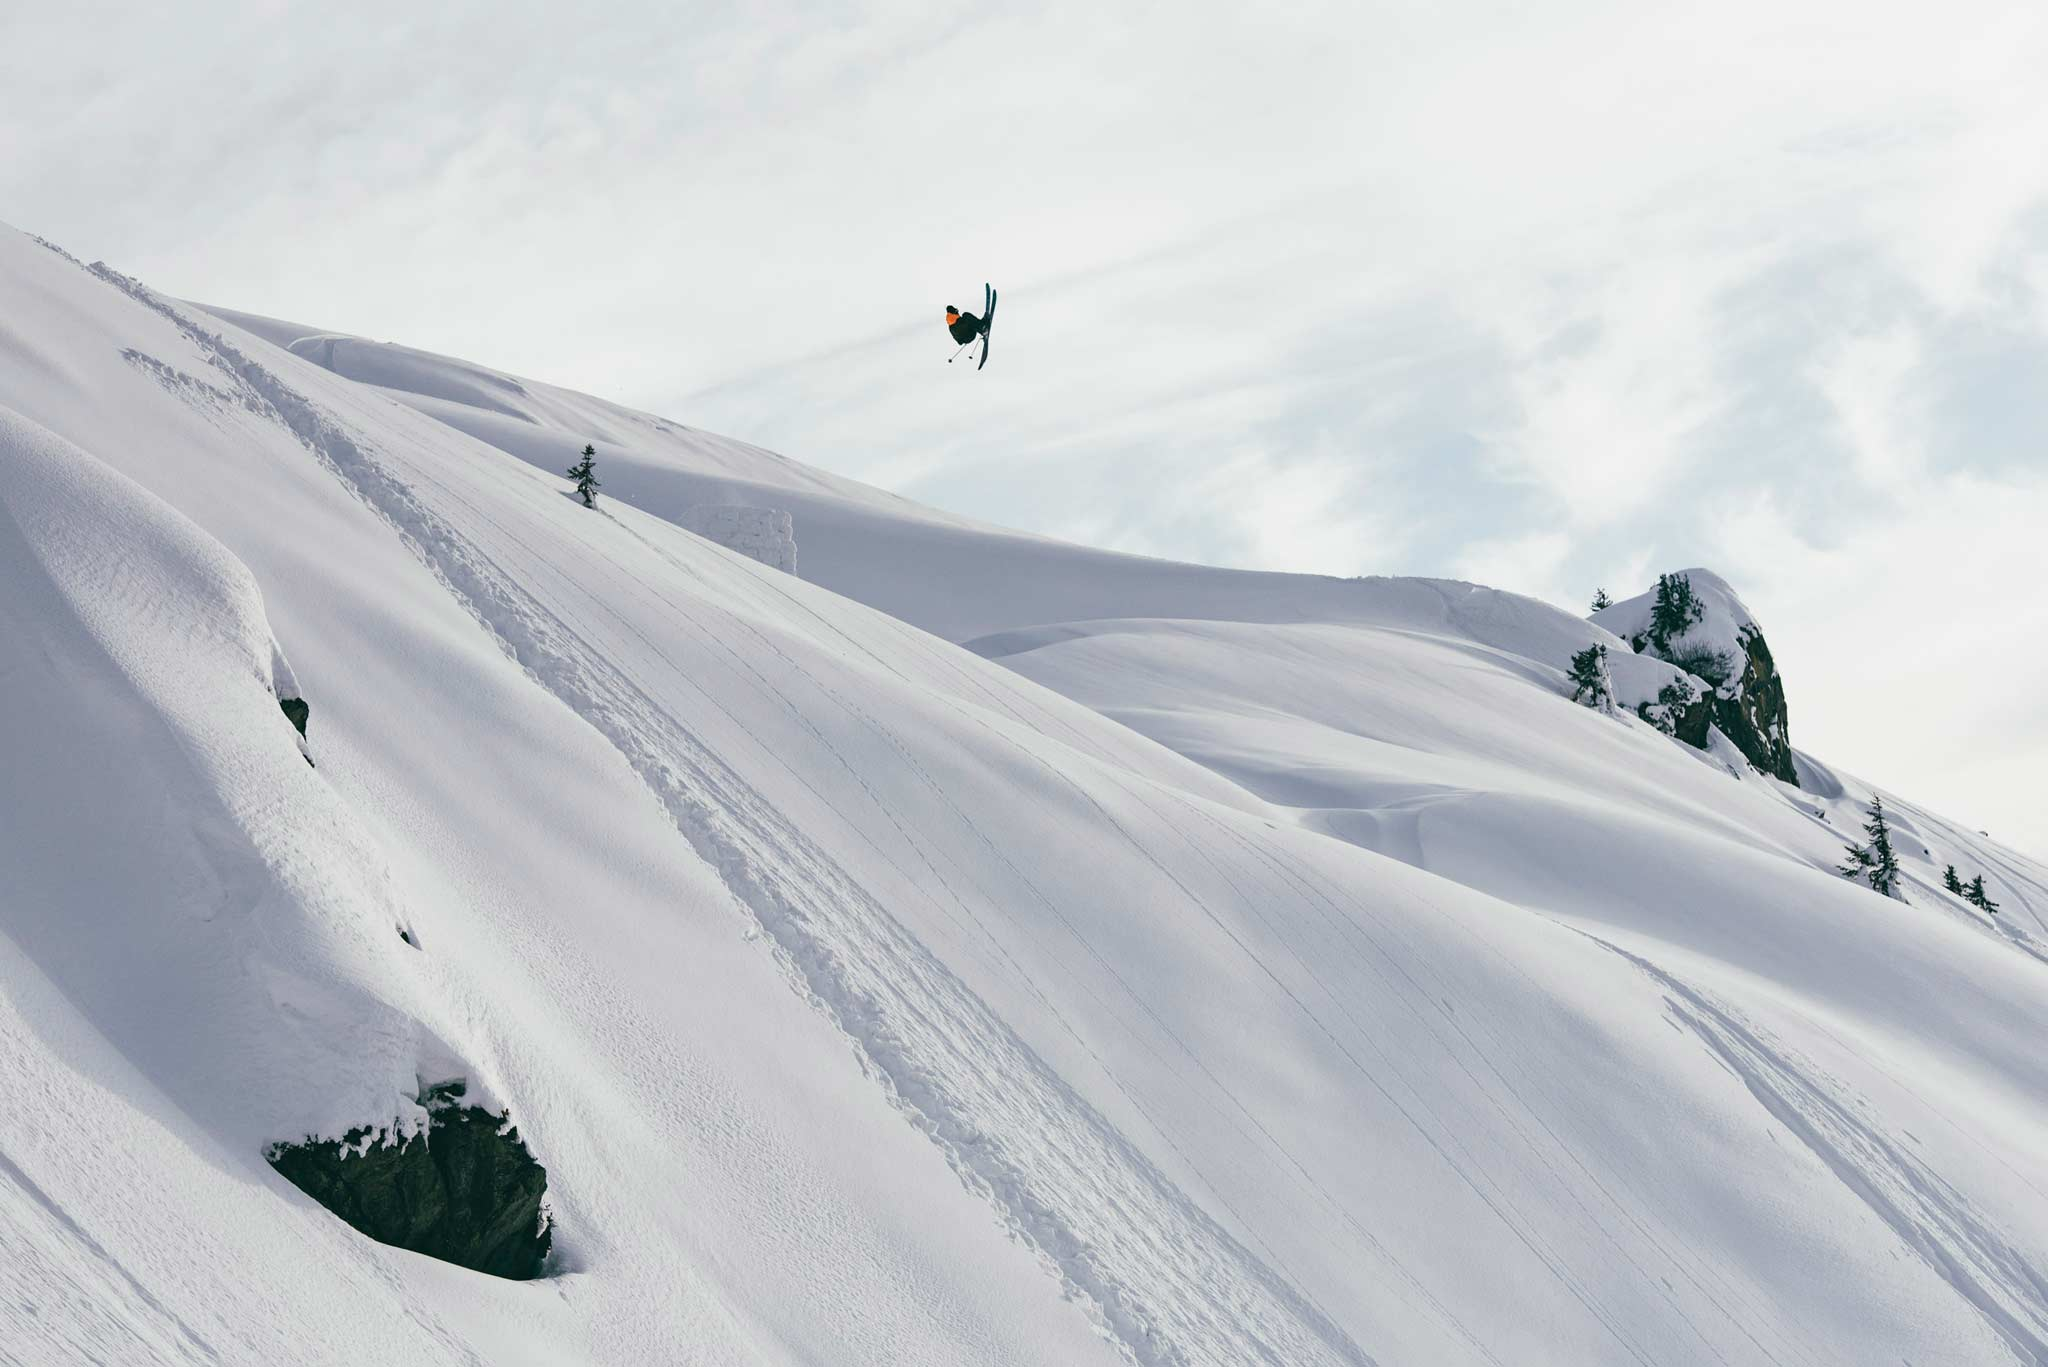 """Abfahrt! """"Long Days"""" solltet ihr definitiv gesehen haben! - Rider: Dennis Ranalter - Foto: Syo van Vliet"""